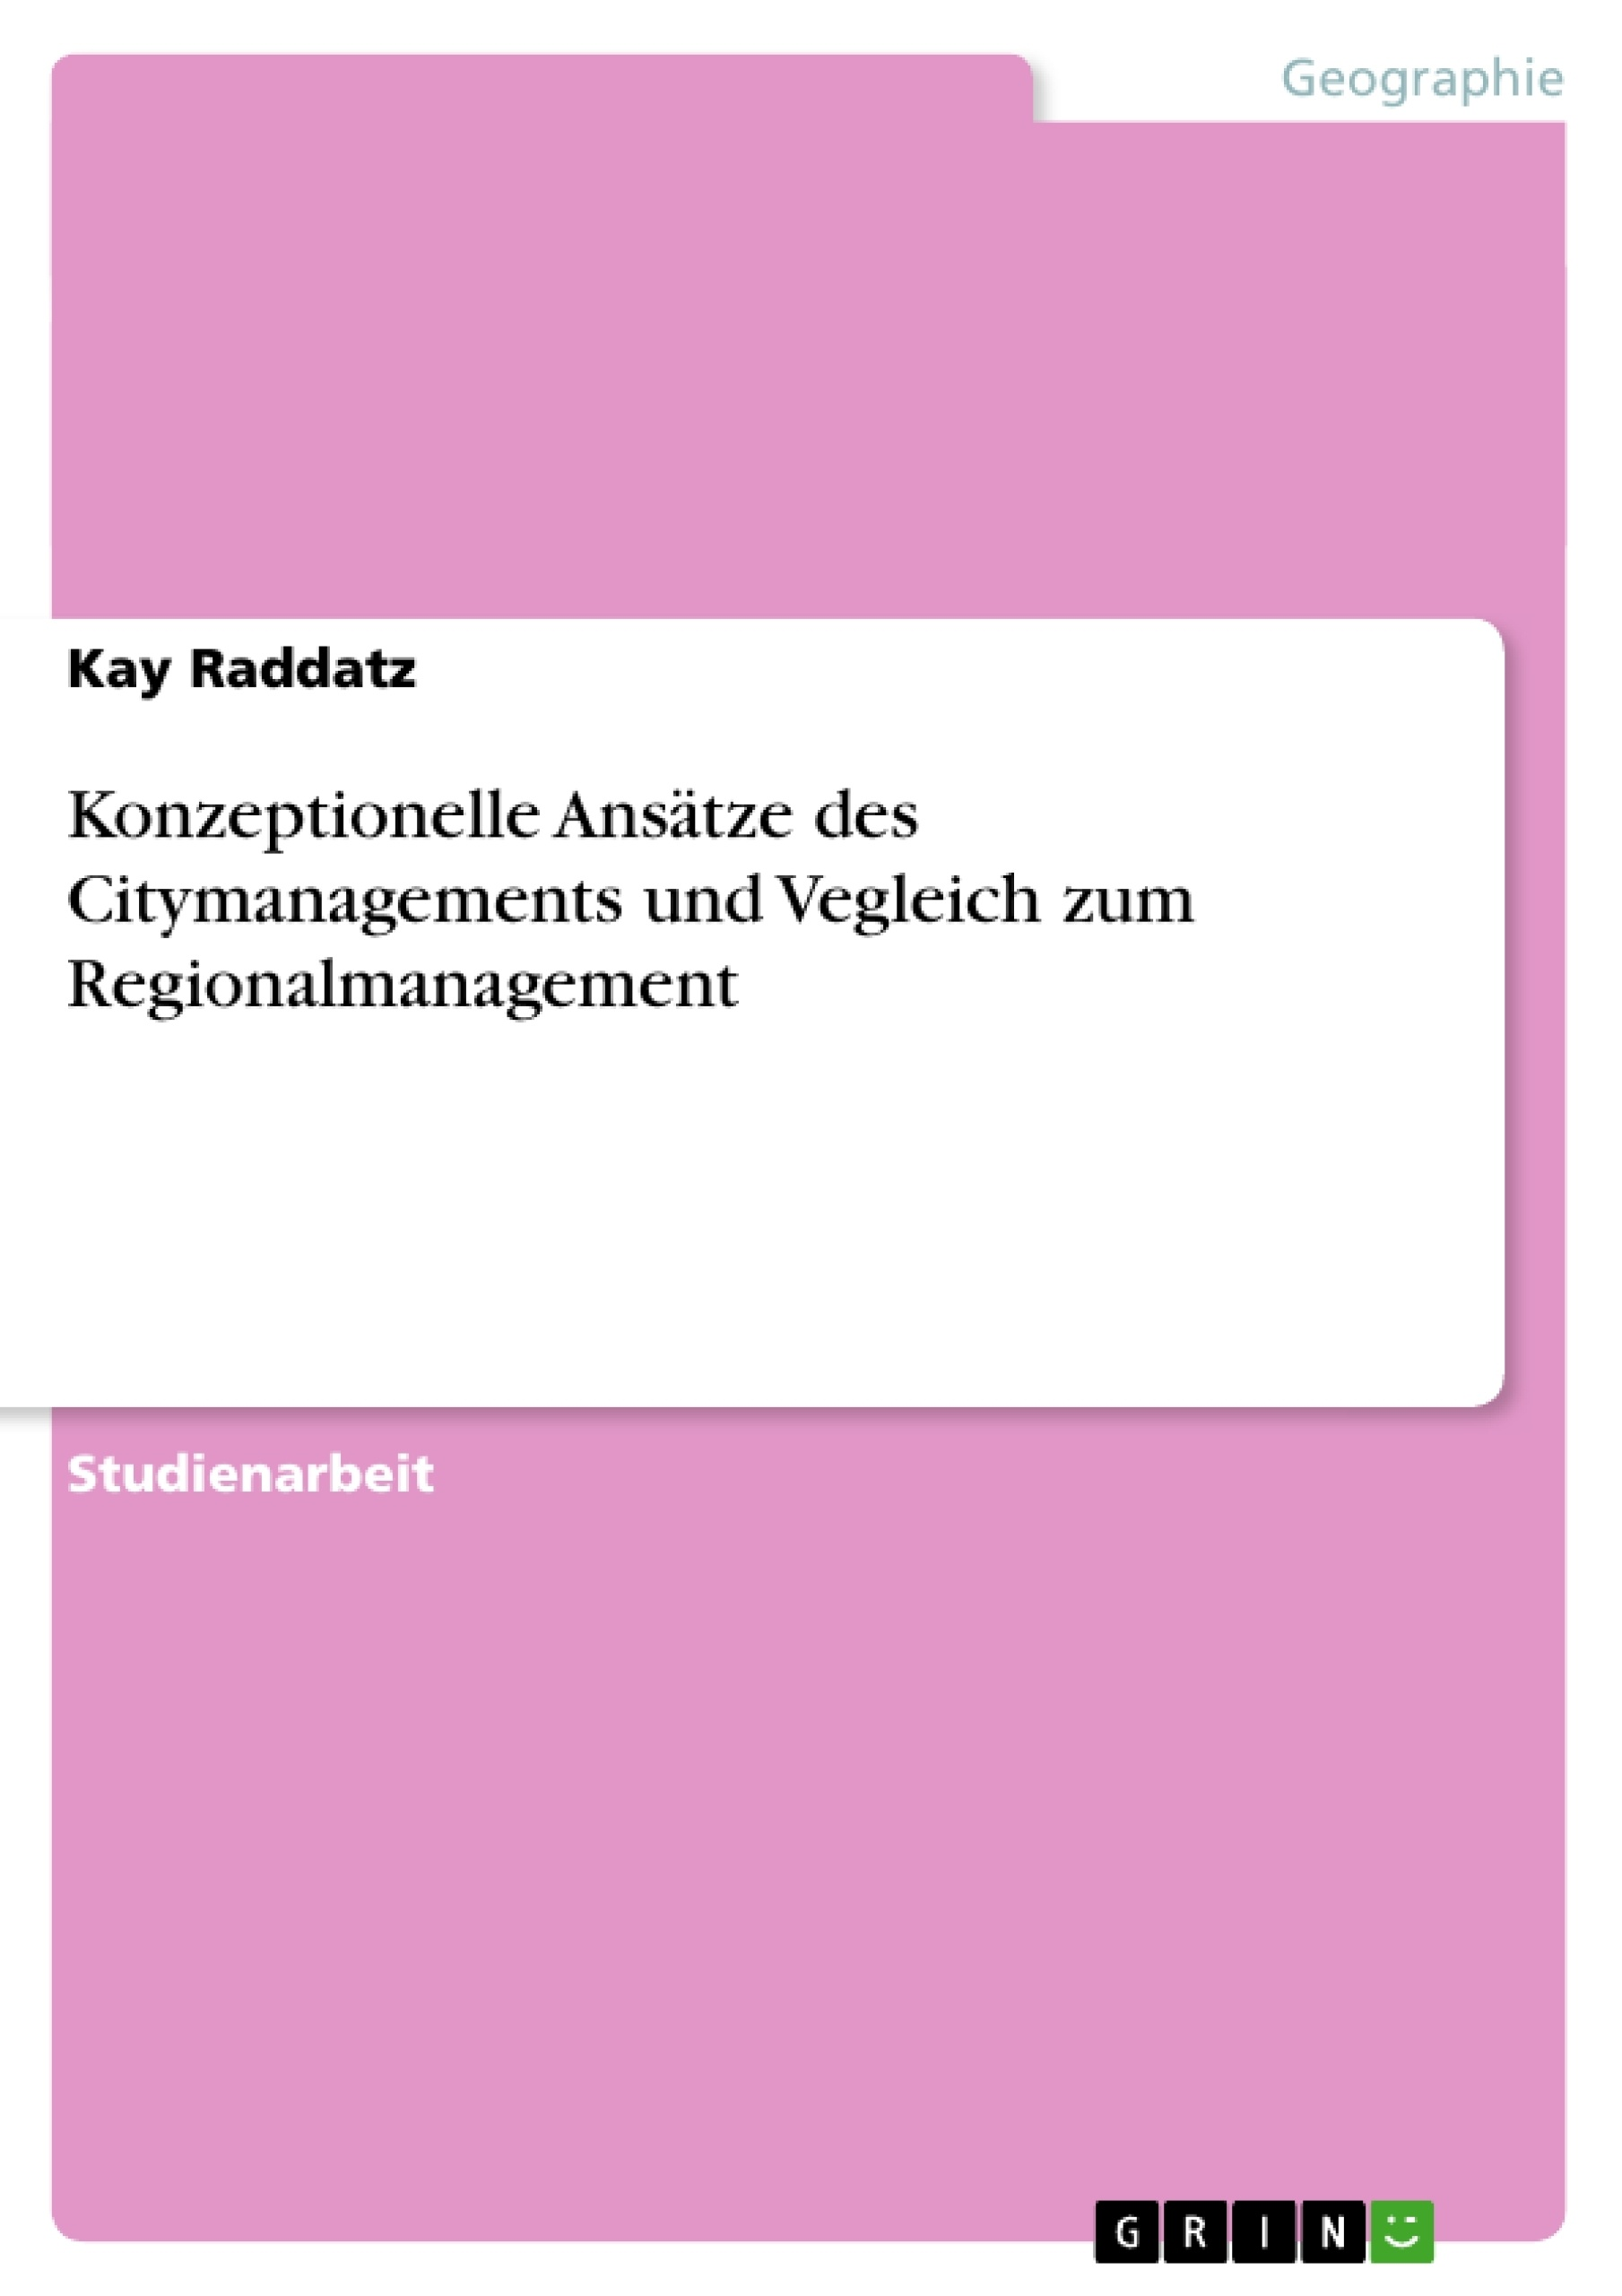 Titel: Konzeptionelle Ansätze des Citymanagements und Vegleich zum Regionalmanagement